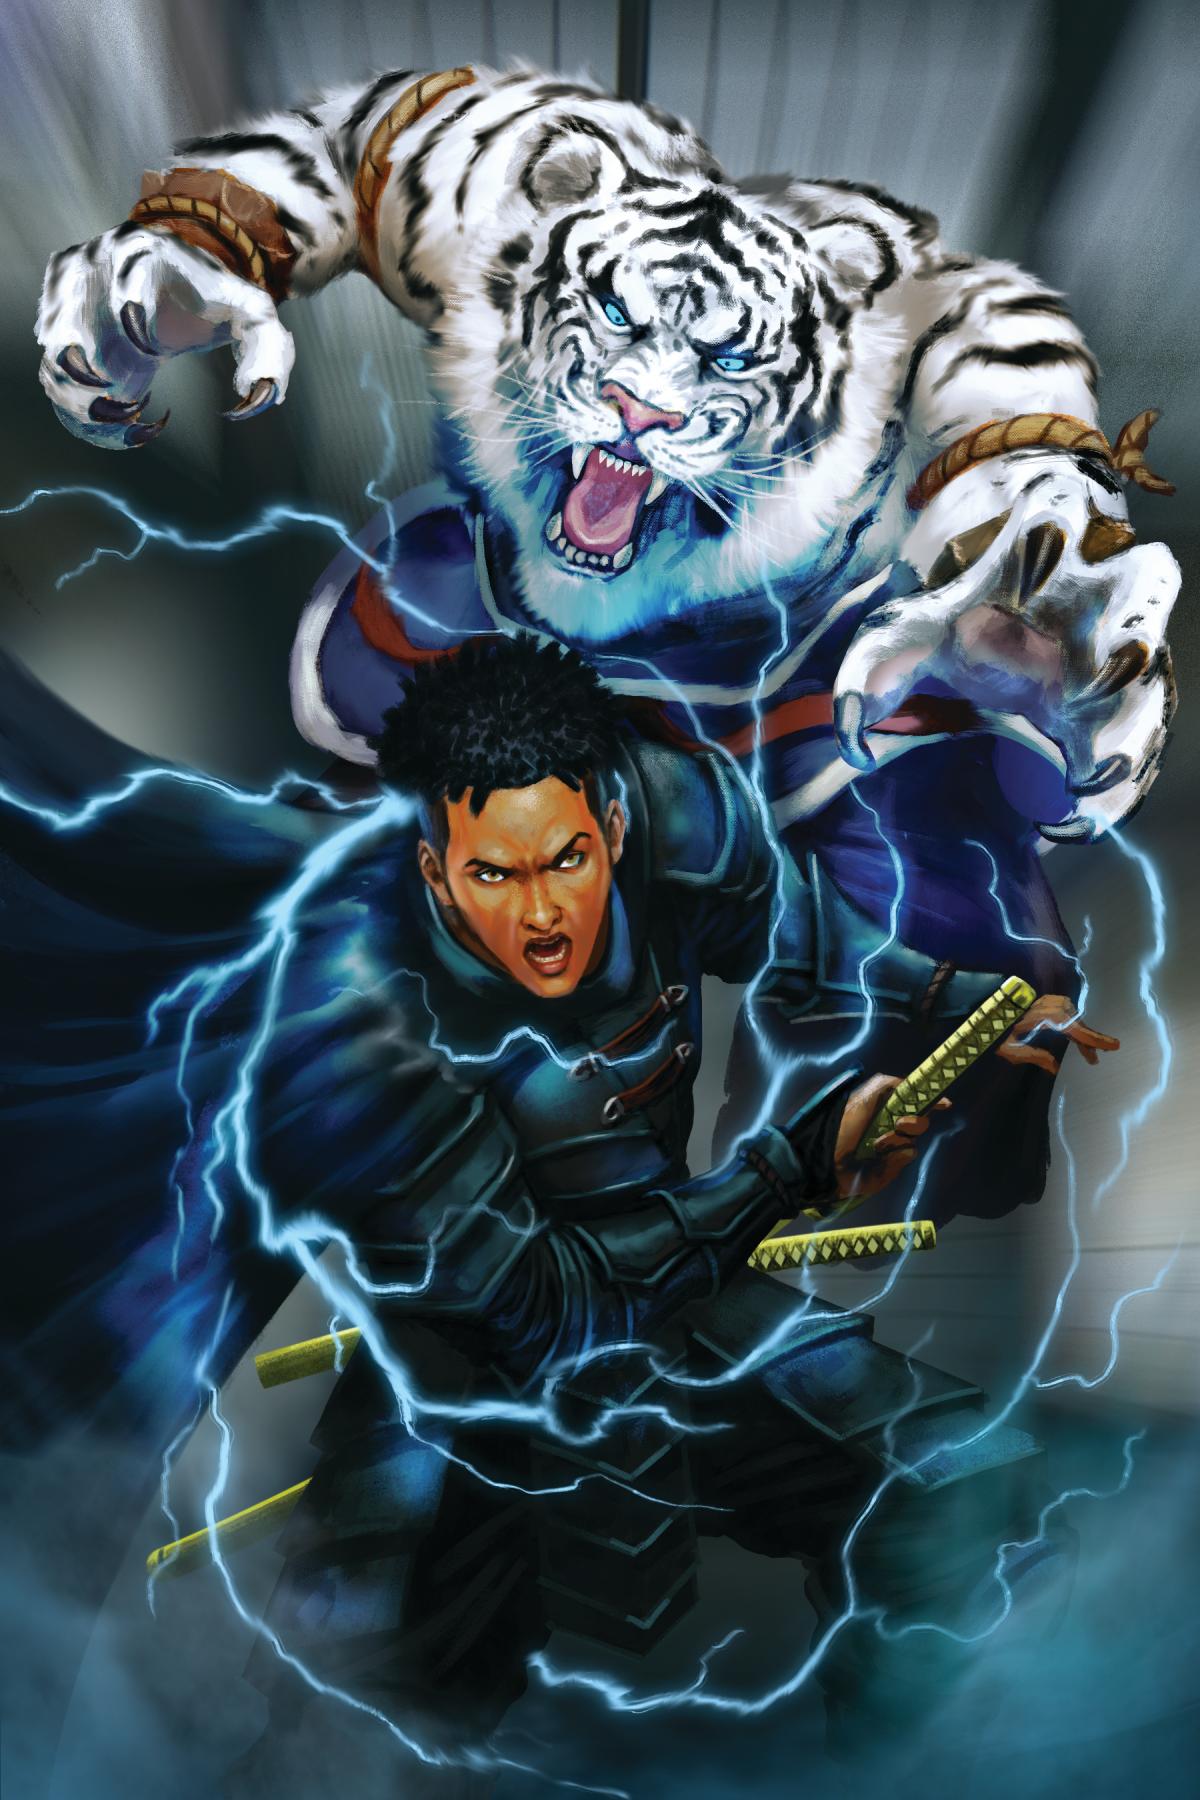 ronin VS tiger